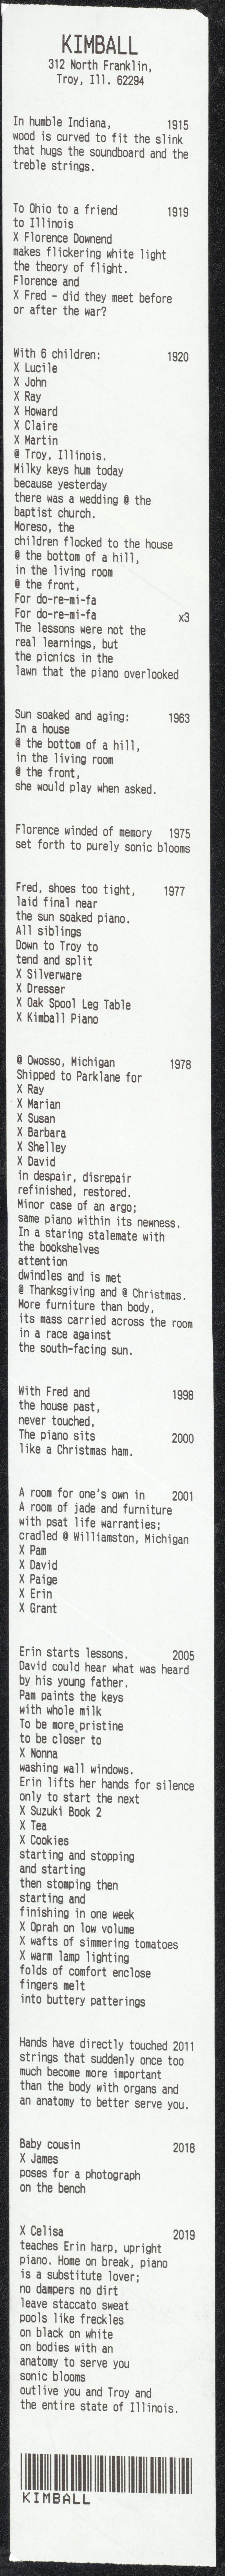 receiptscan.jpg